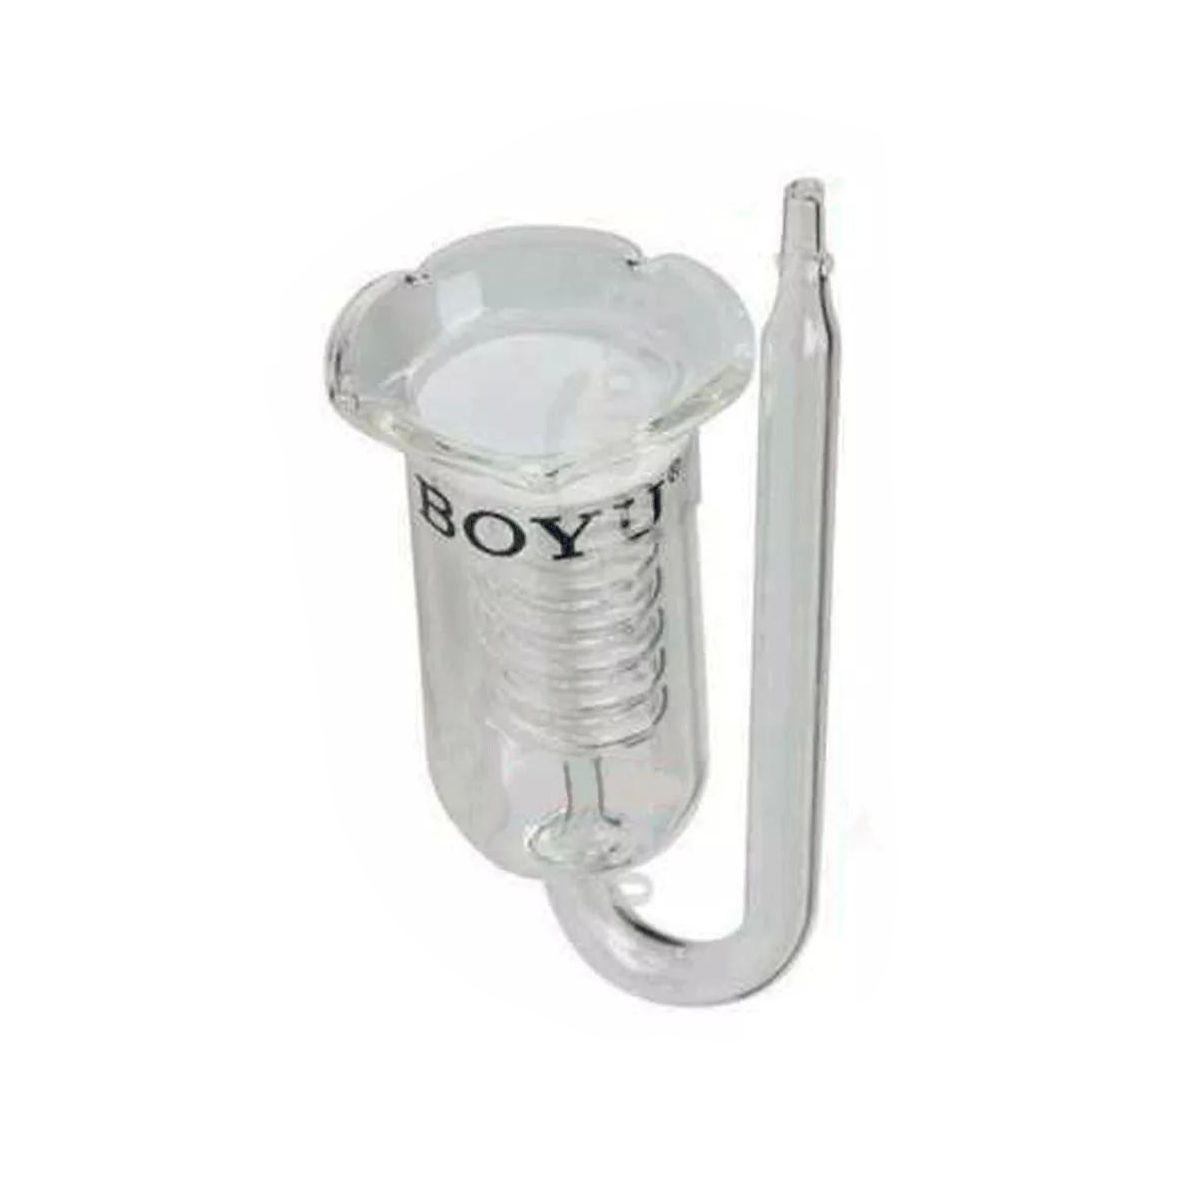 Difusor de CO2 com Serpentina de Vidro Boyu CO-130